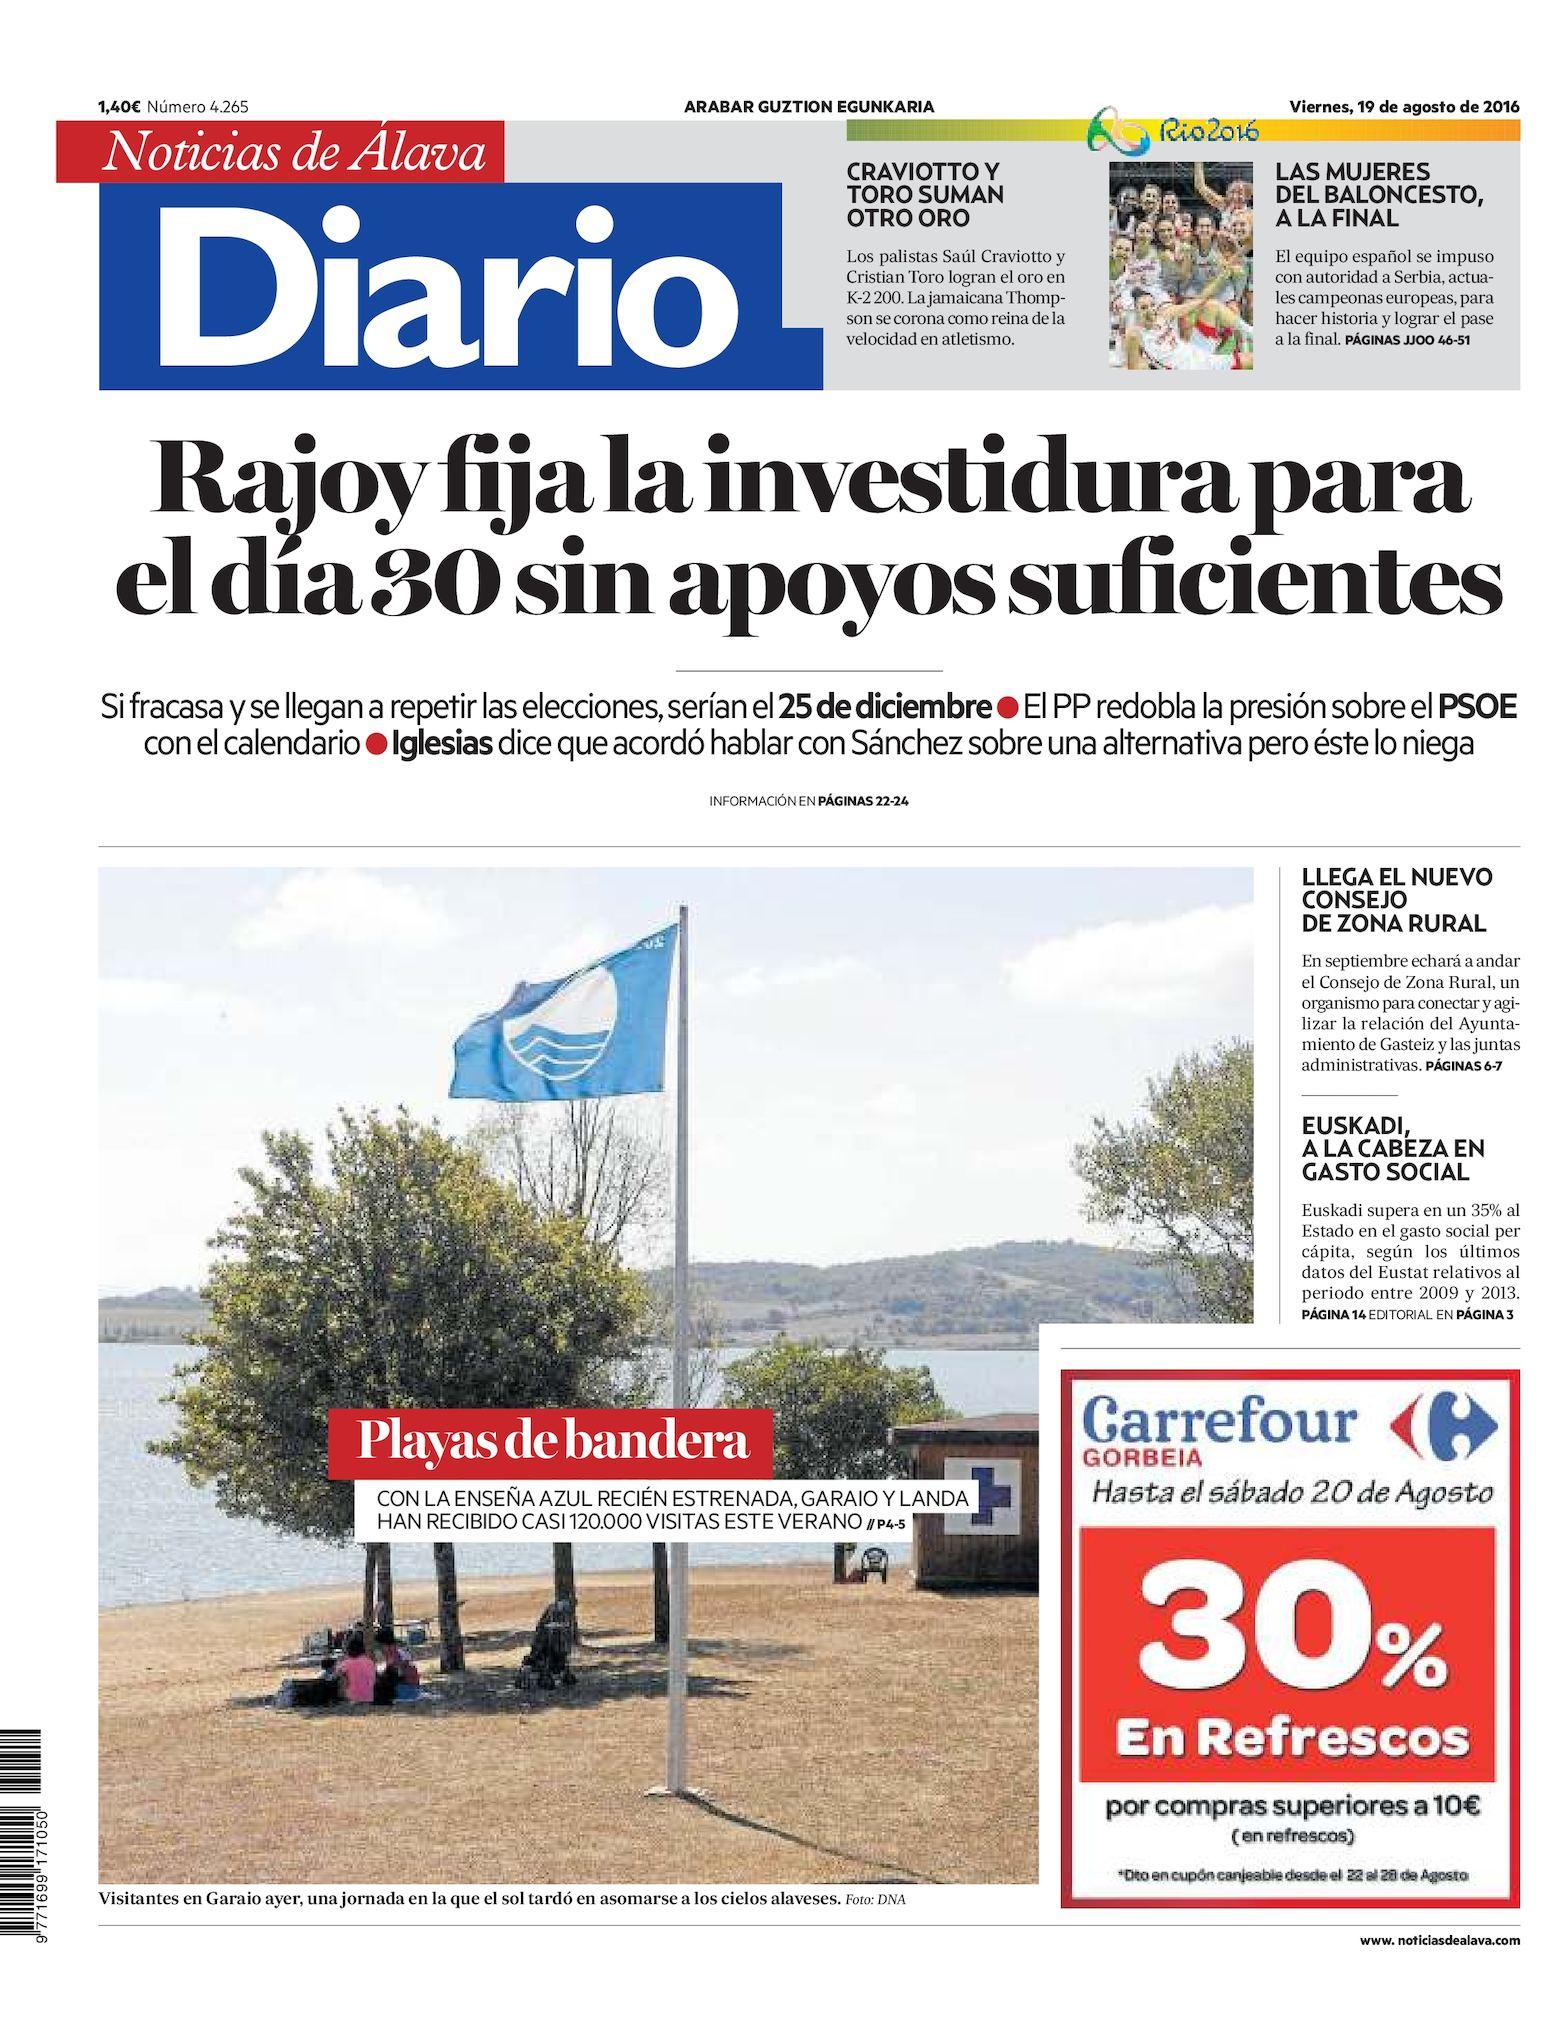 Calaméo - Diario de Noticias de Álava 20160819